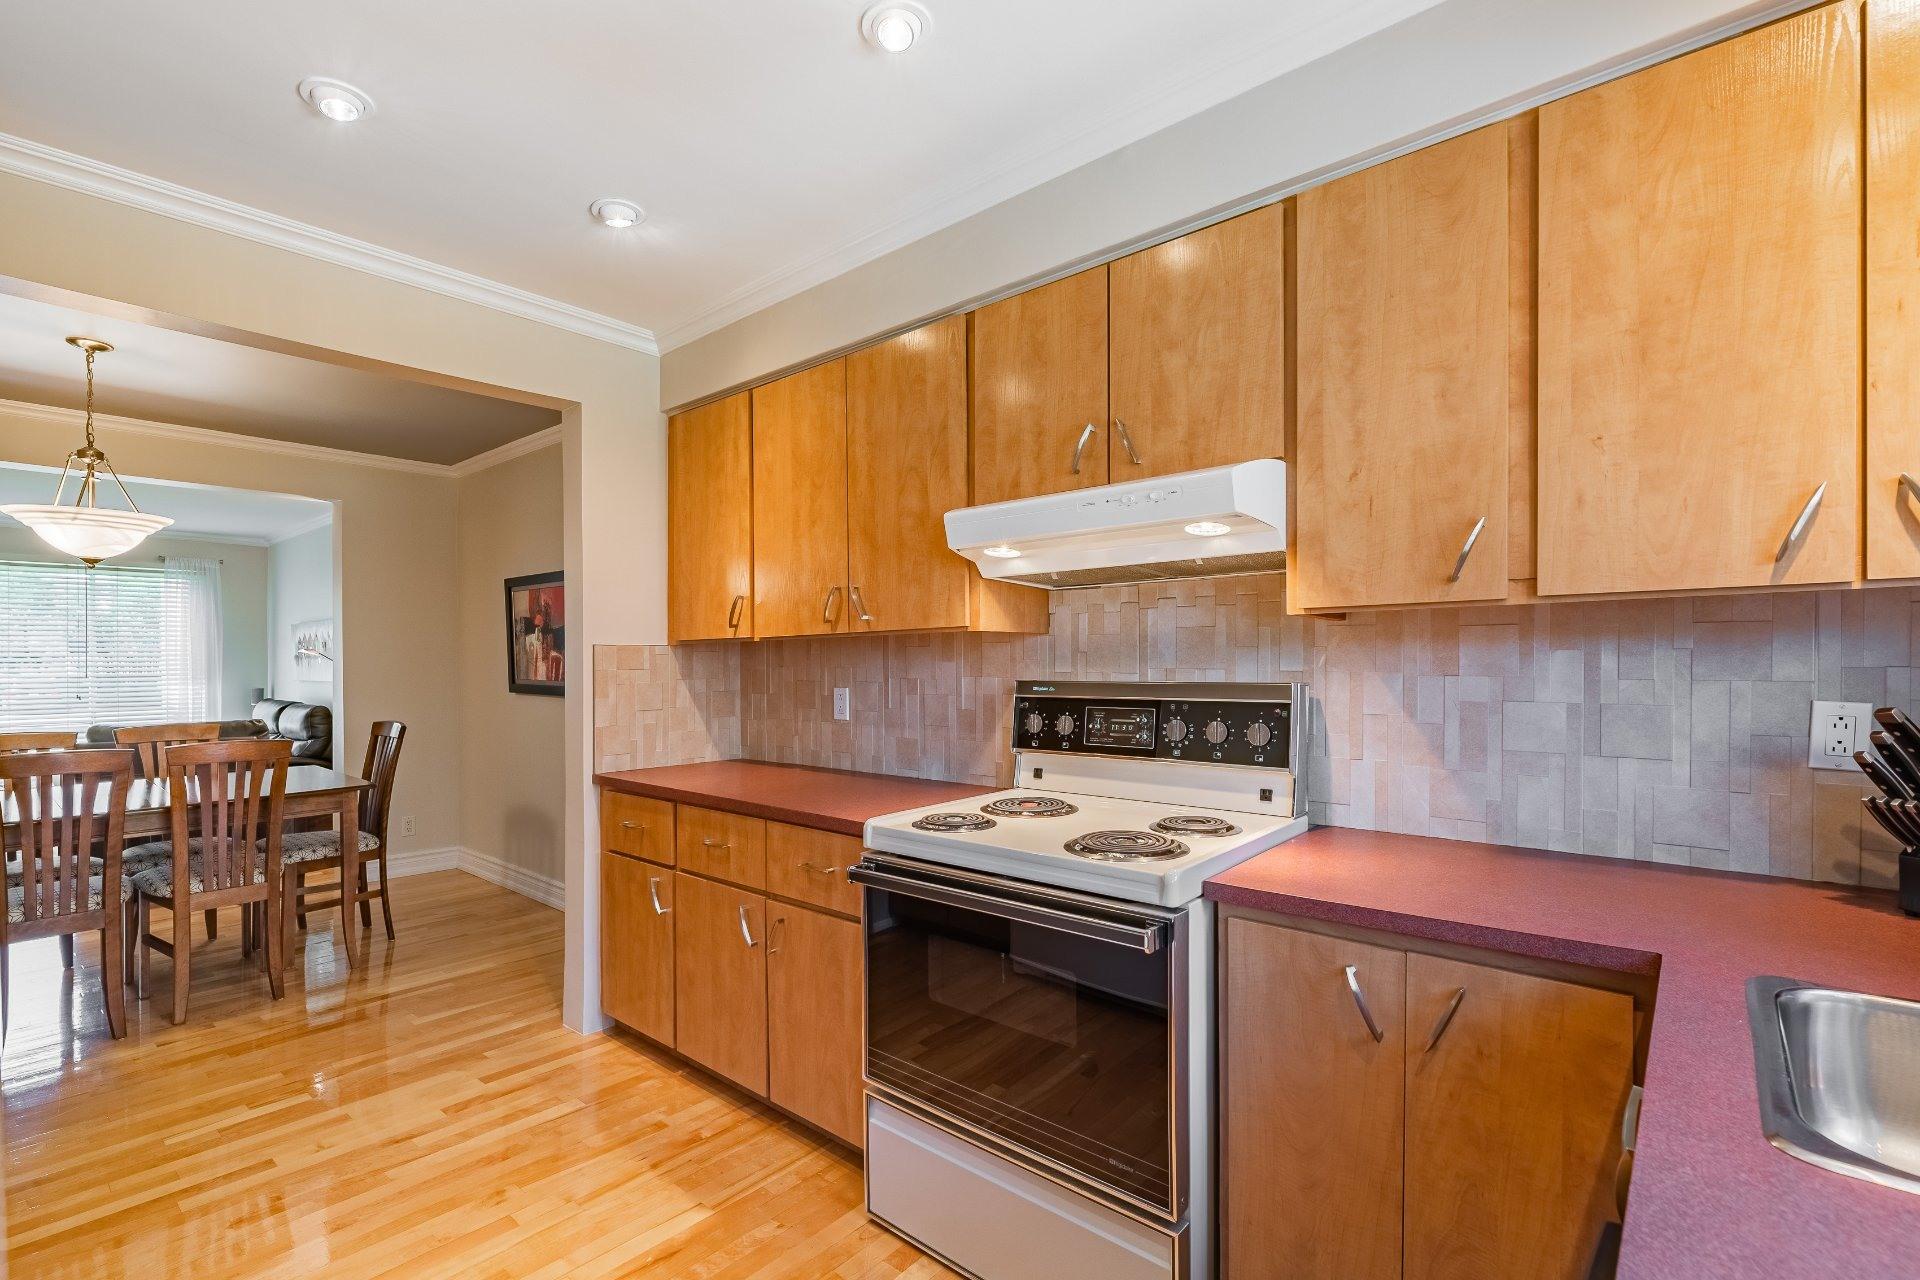 image 11 - Triplex For sale Mercier/Hochelaga-Maisonneuve Montréal  - 6 rooms